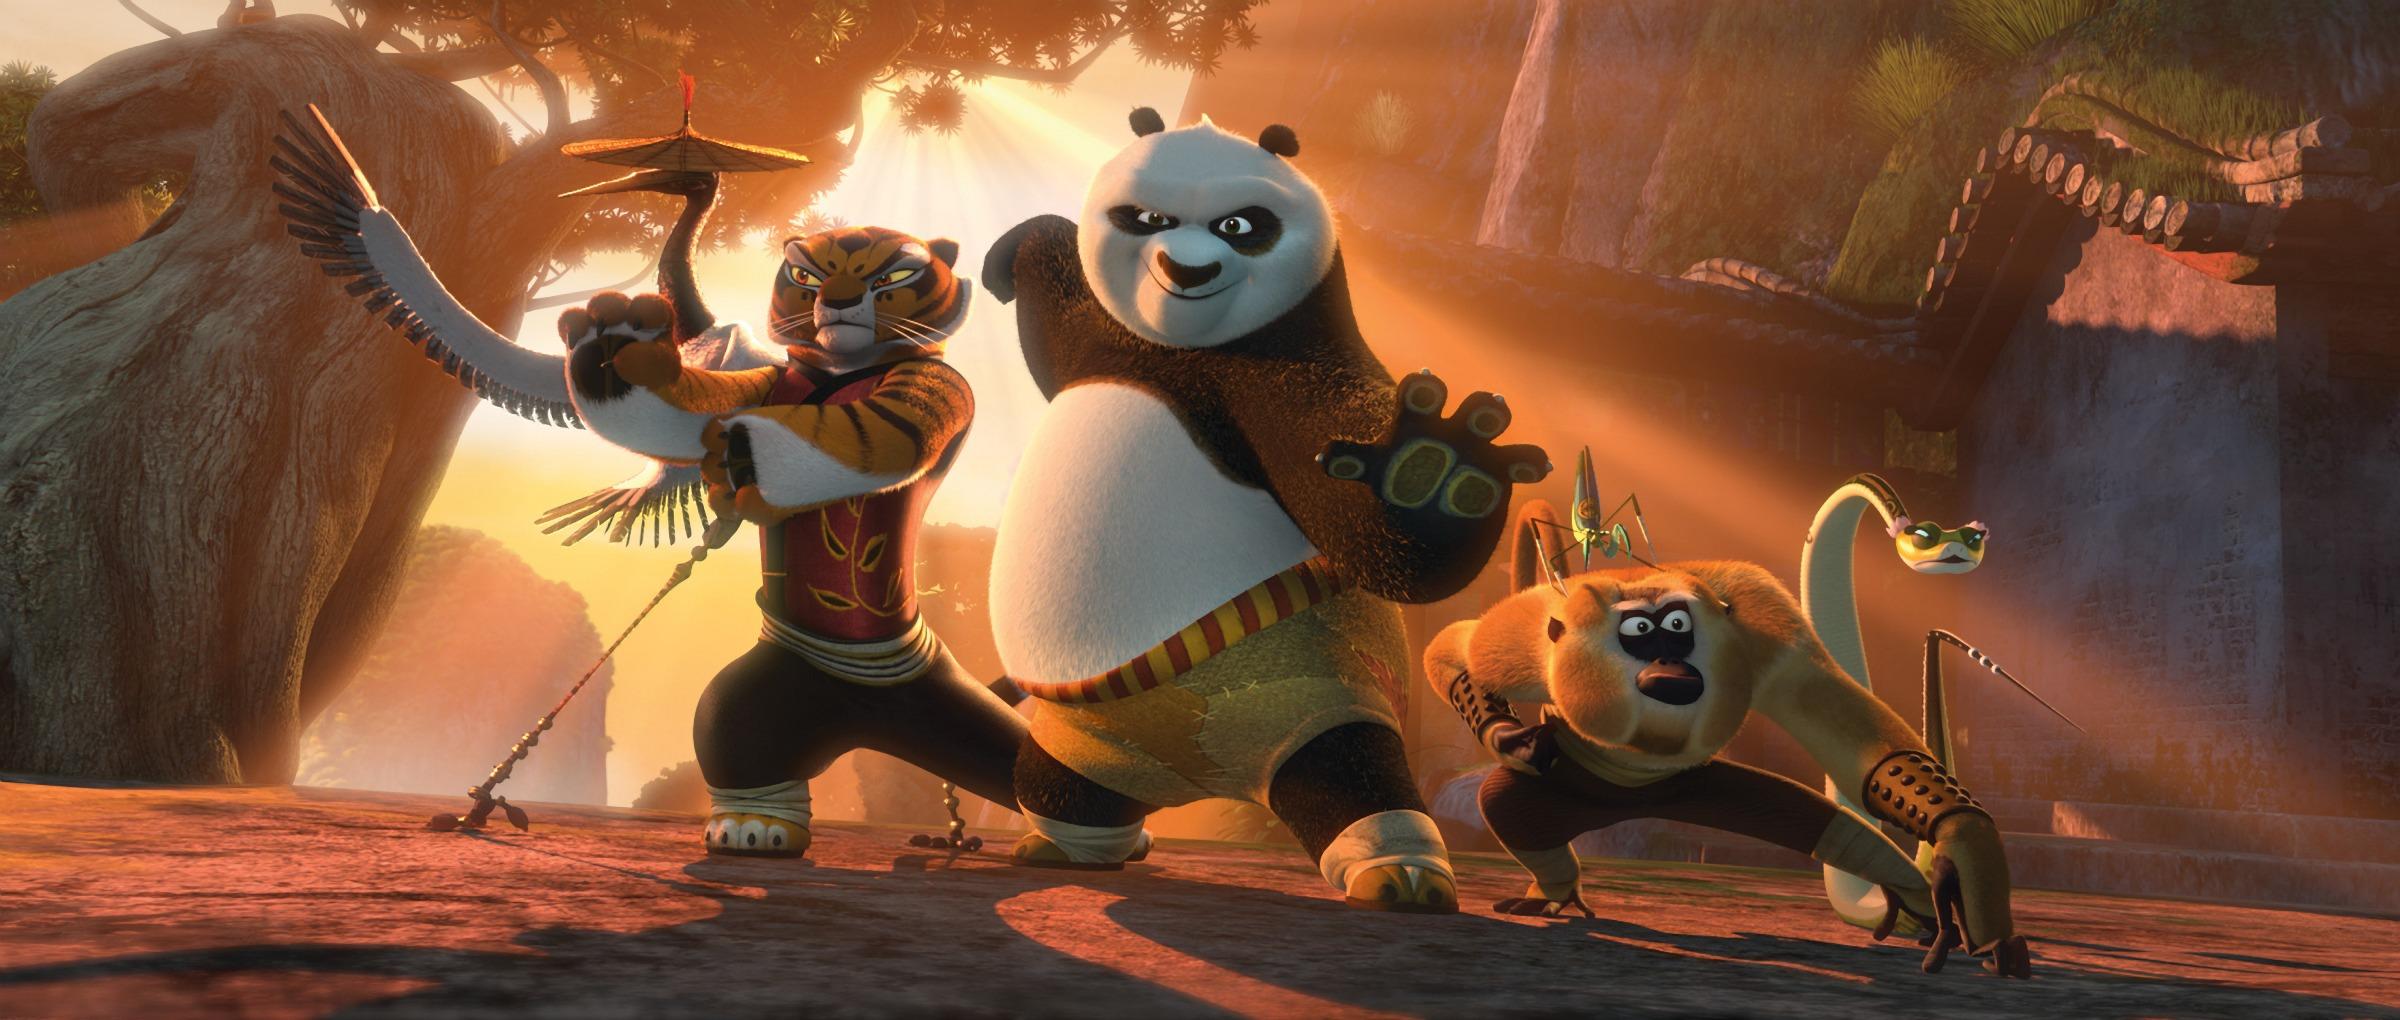 """""""Кунг-фу панда 2"""": мультфильм для детей и взрослых"""